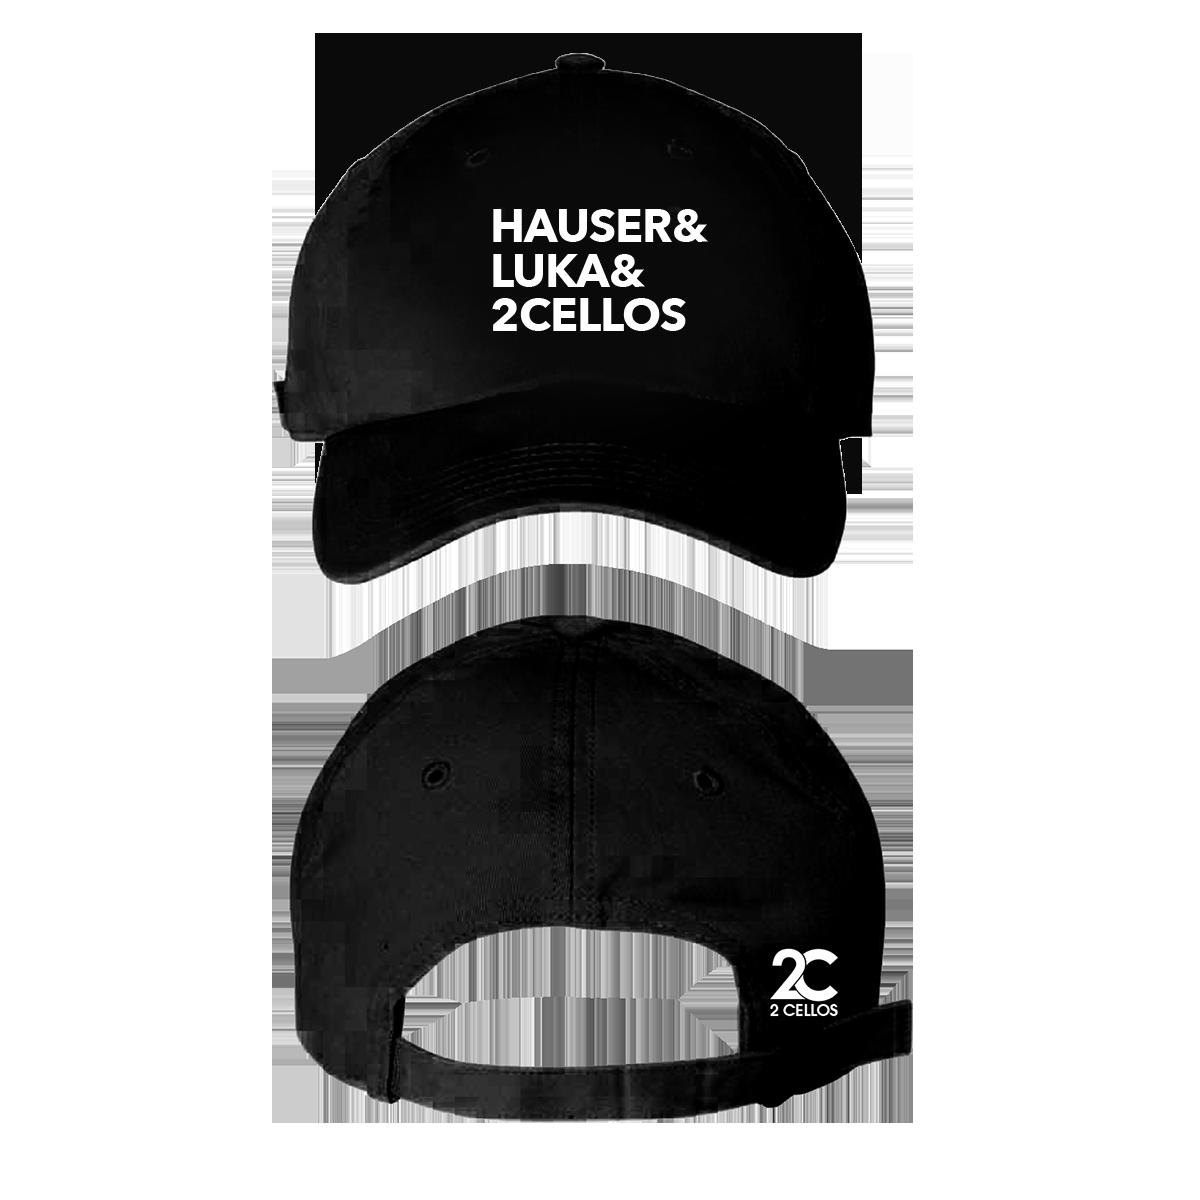 Buy Online 2 Cellos - 2CELLOS Black Dad Hat